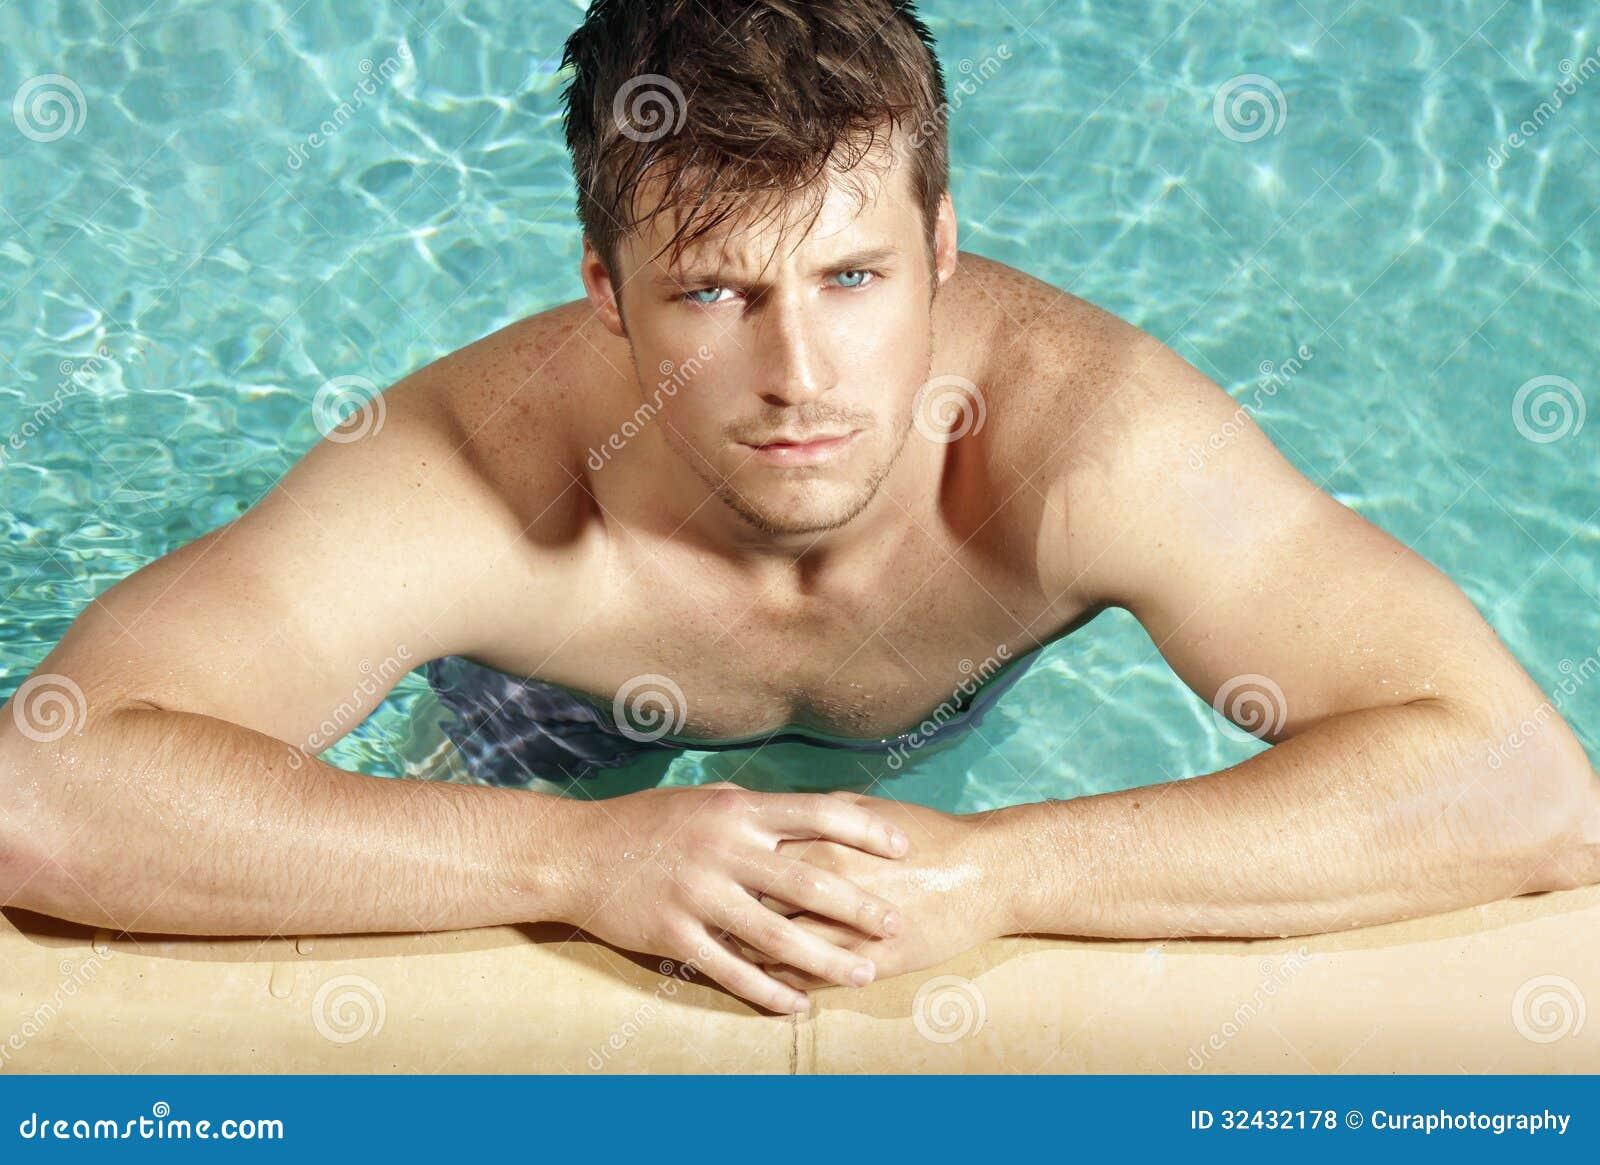 Фото парней в басейне 14 фотография